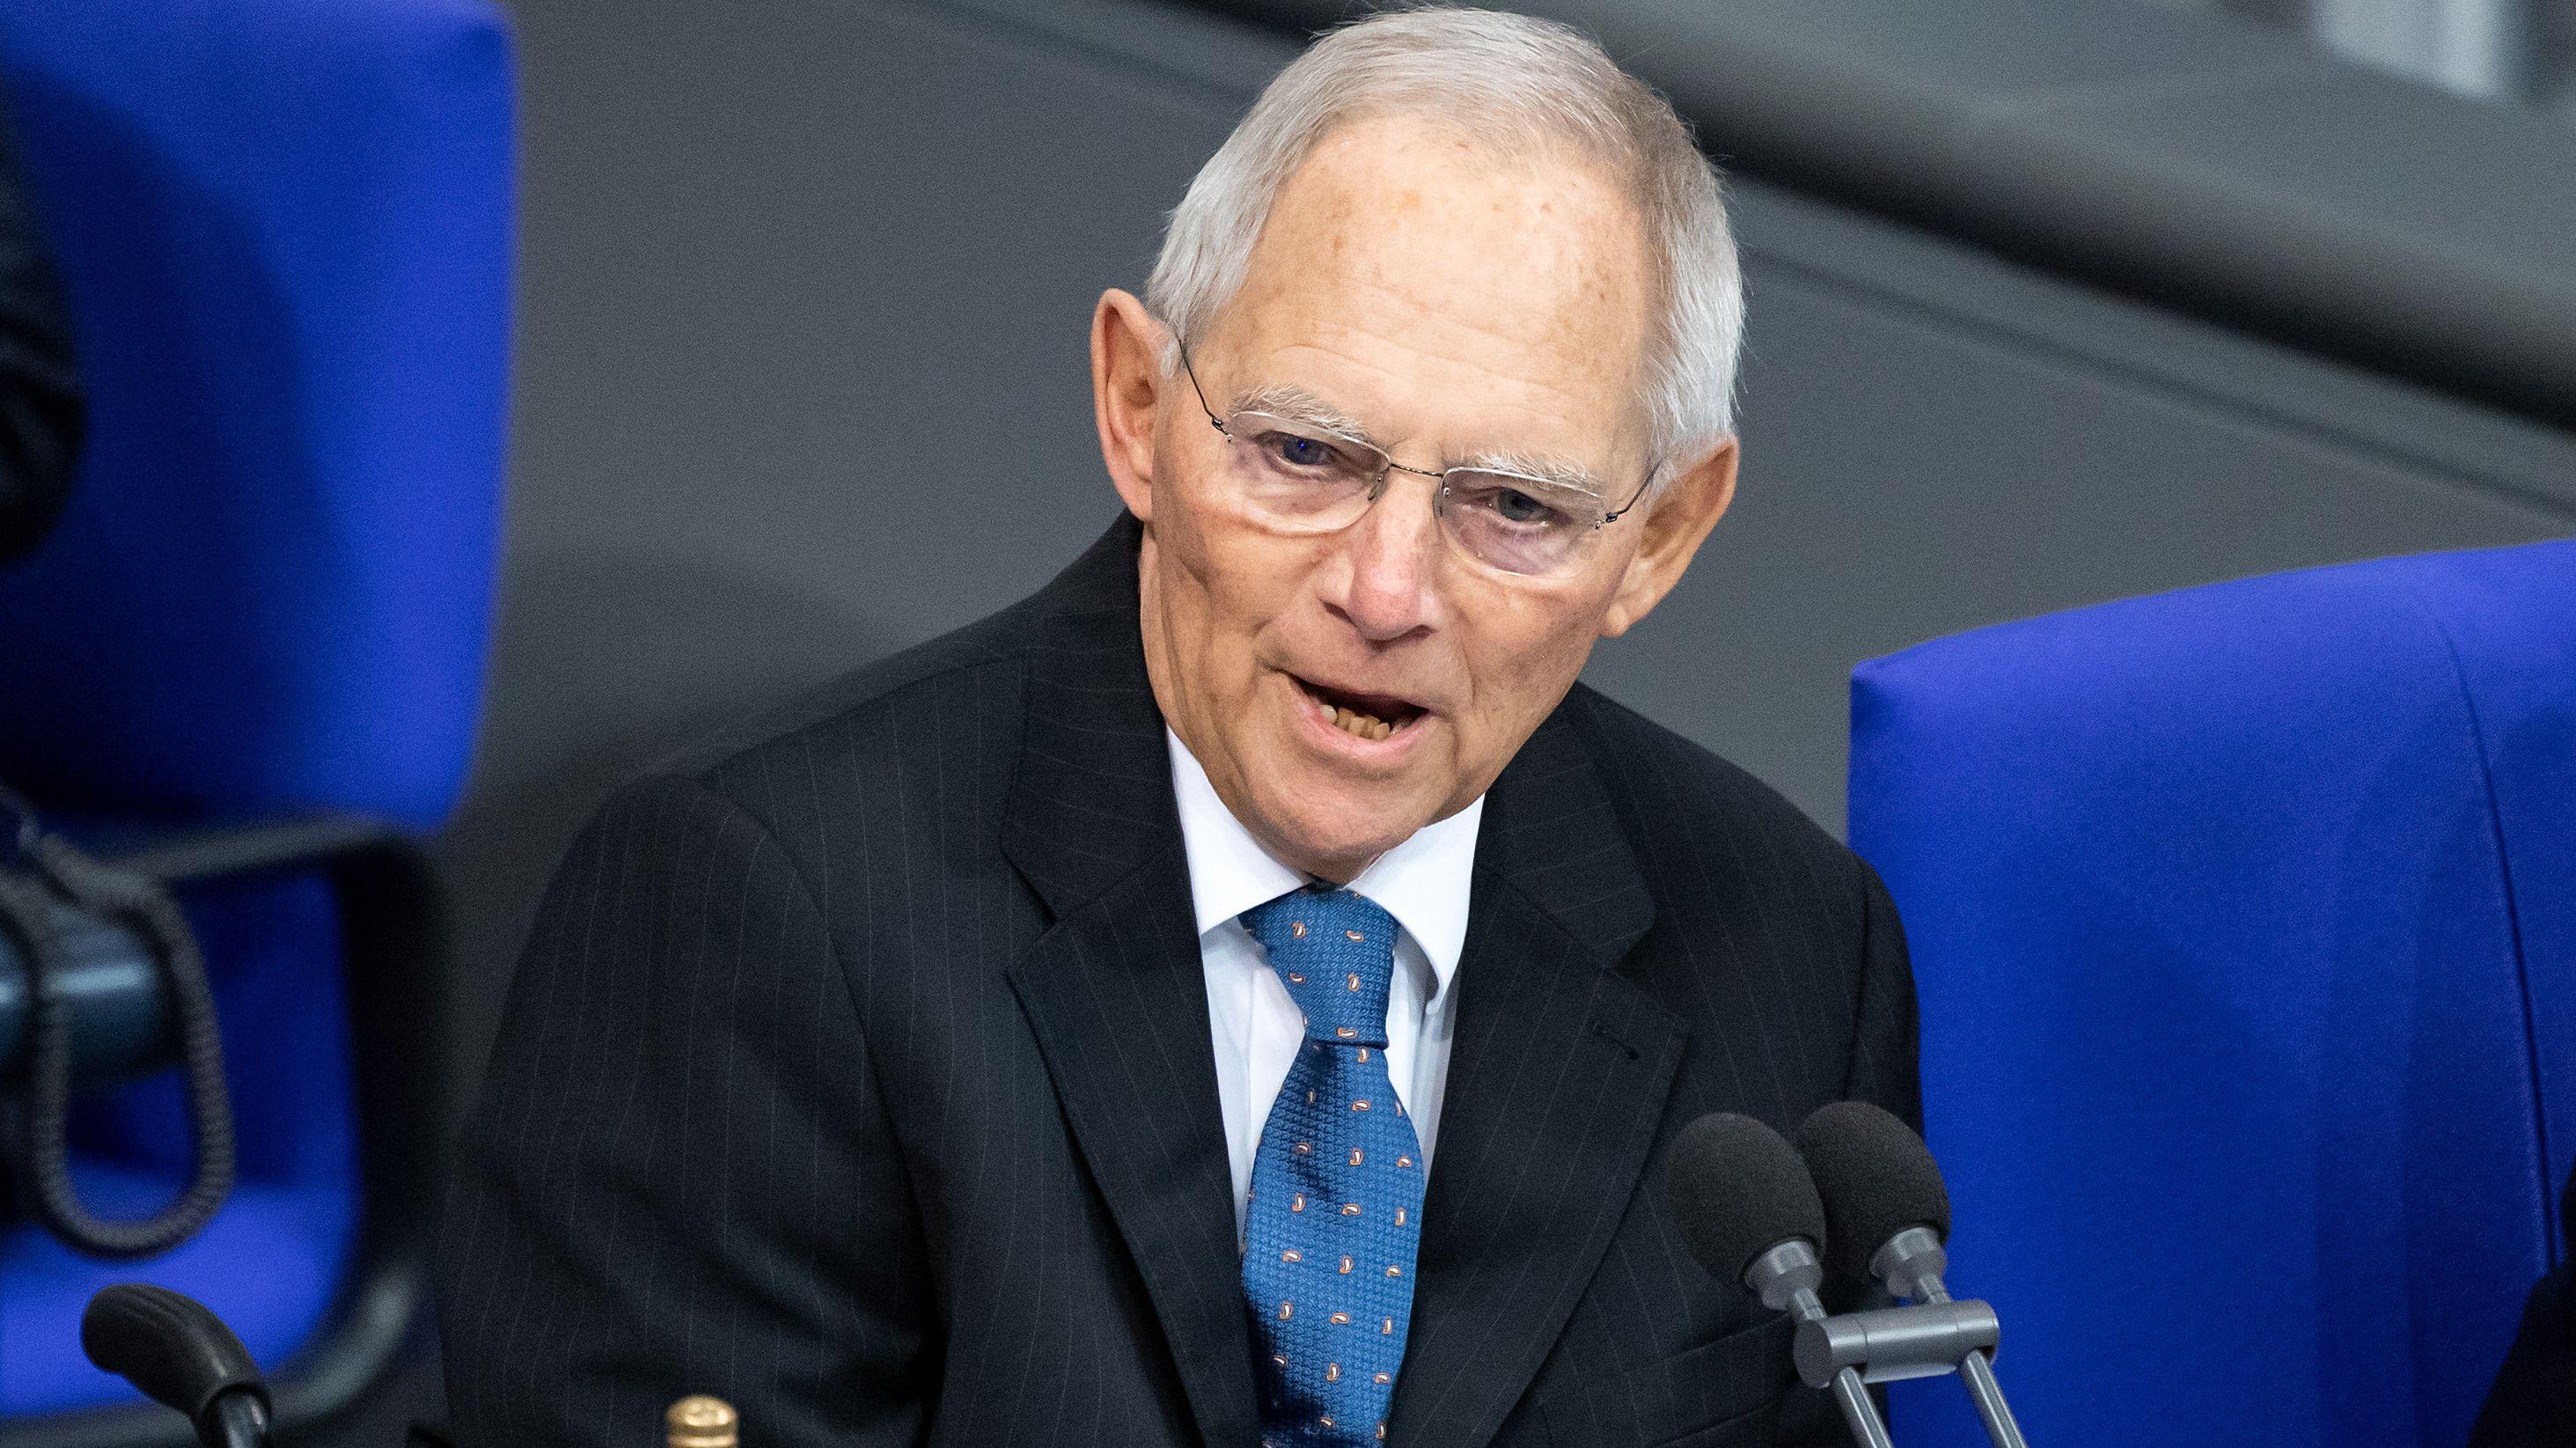 Bundestagspräsident Wolfgang Schäuble (CDU) eröffnet die Plenarsitzung im Deutschen Bundestag. (Archivbild)